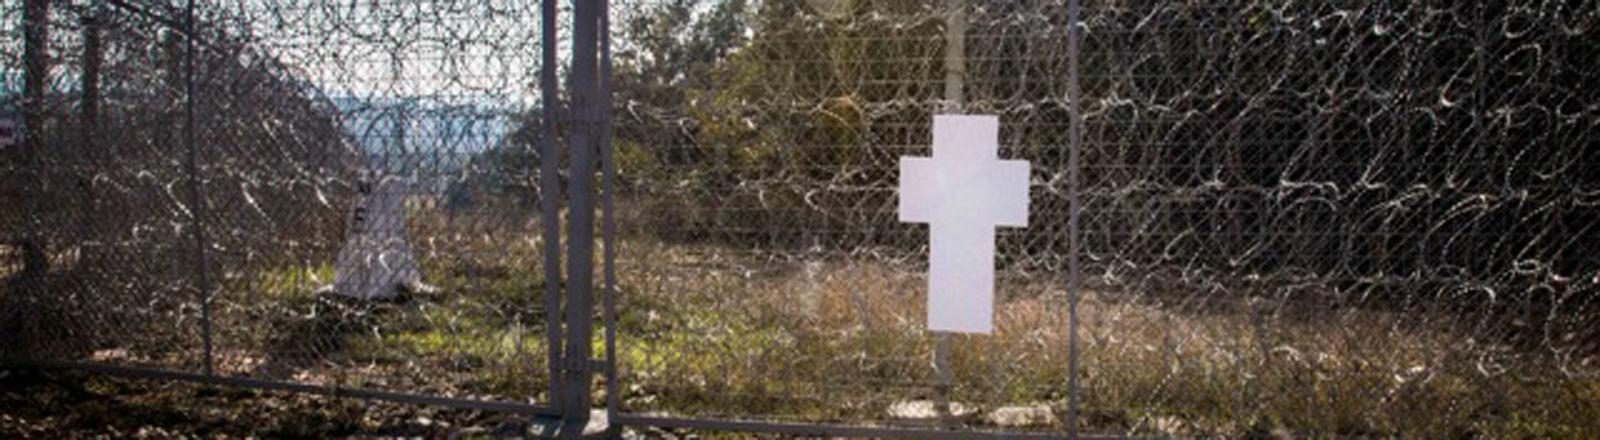 Das Zentrum für politische Schönheit montierte Mauerkreuze in Berlin ab, um sie an der EU-Außengrenze zu postieren. Mit der Kunstaktion will das Zentrum auf die prekäre Lage der Flüchtlinge an der EU-Außengrenze aufmerksam machen.